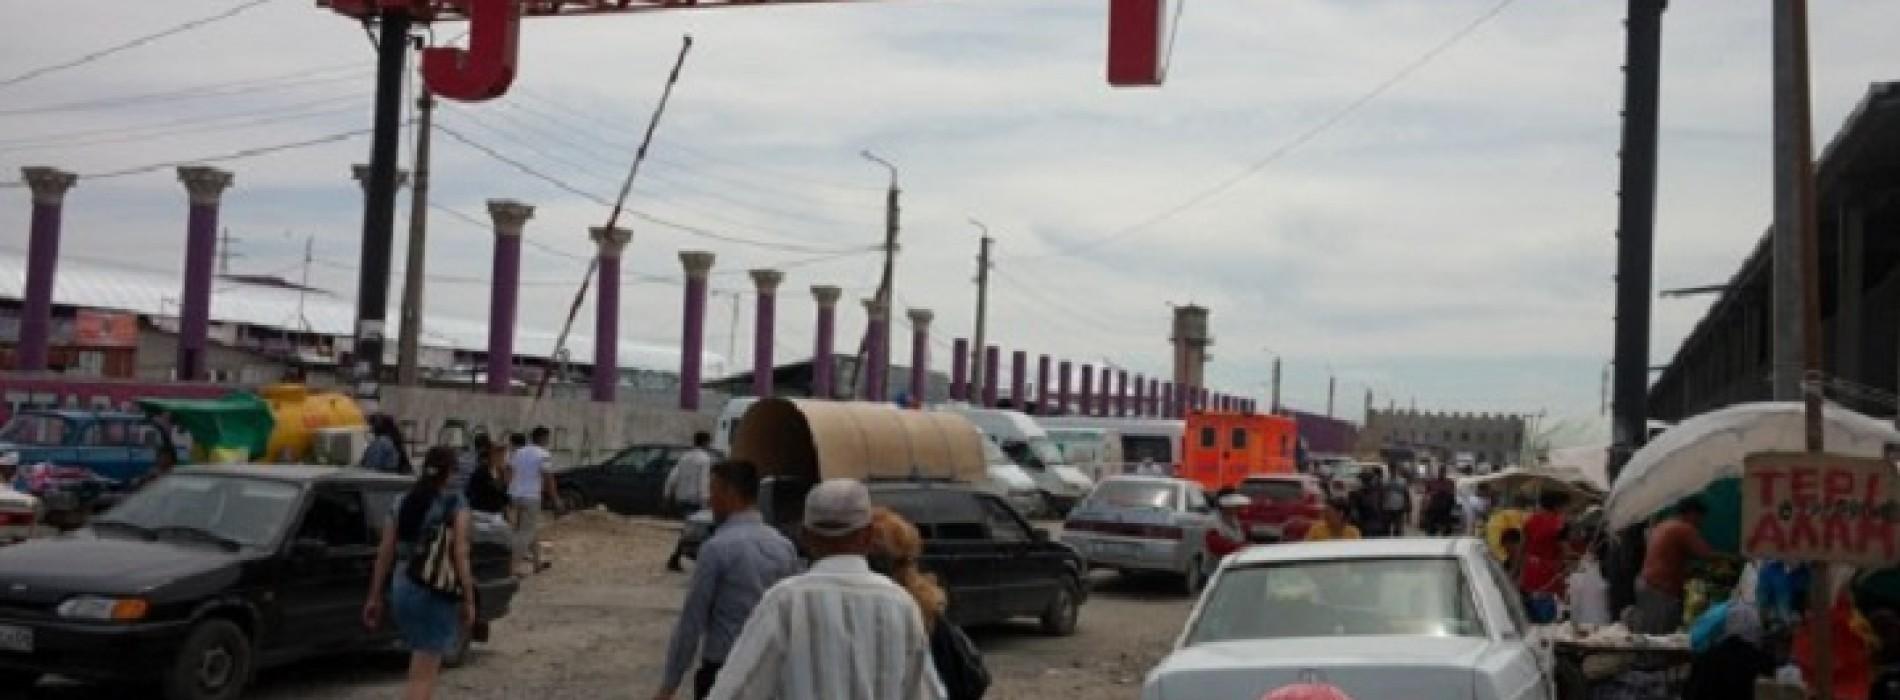 В лоббировании частных интересов обвинили прокурора Жамбылской области